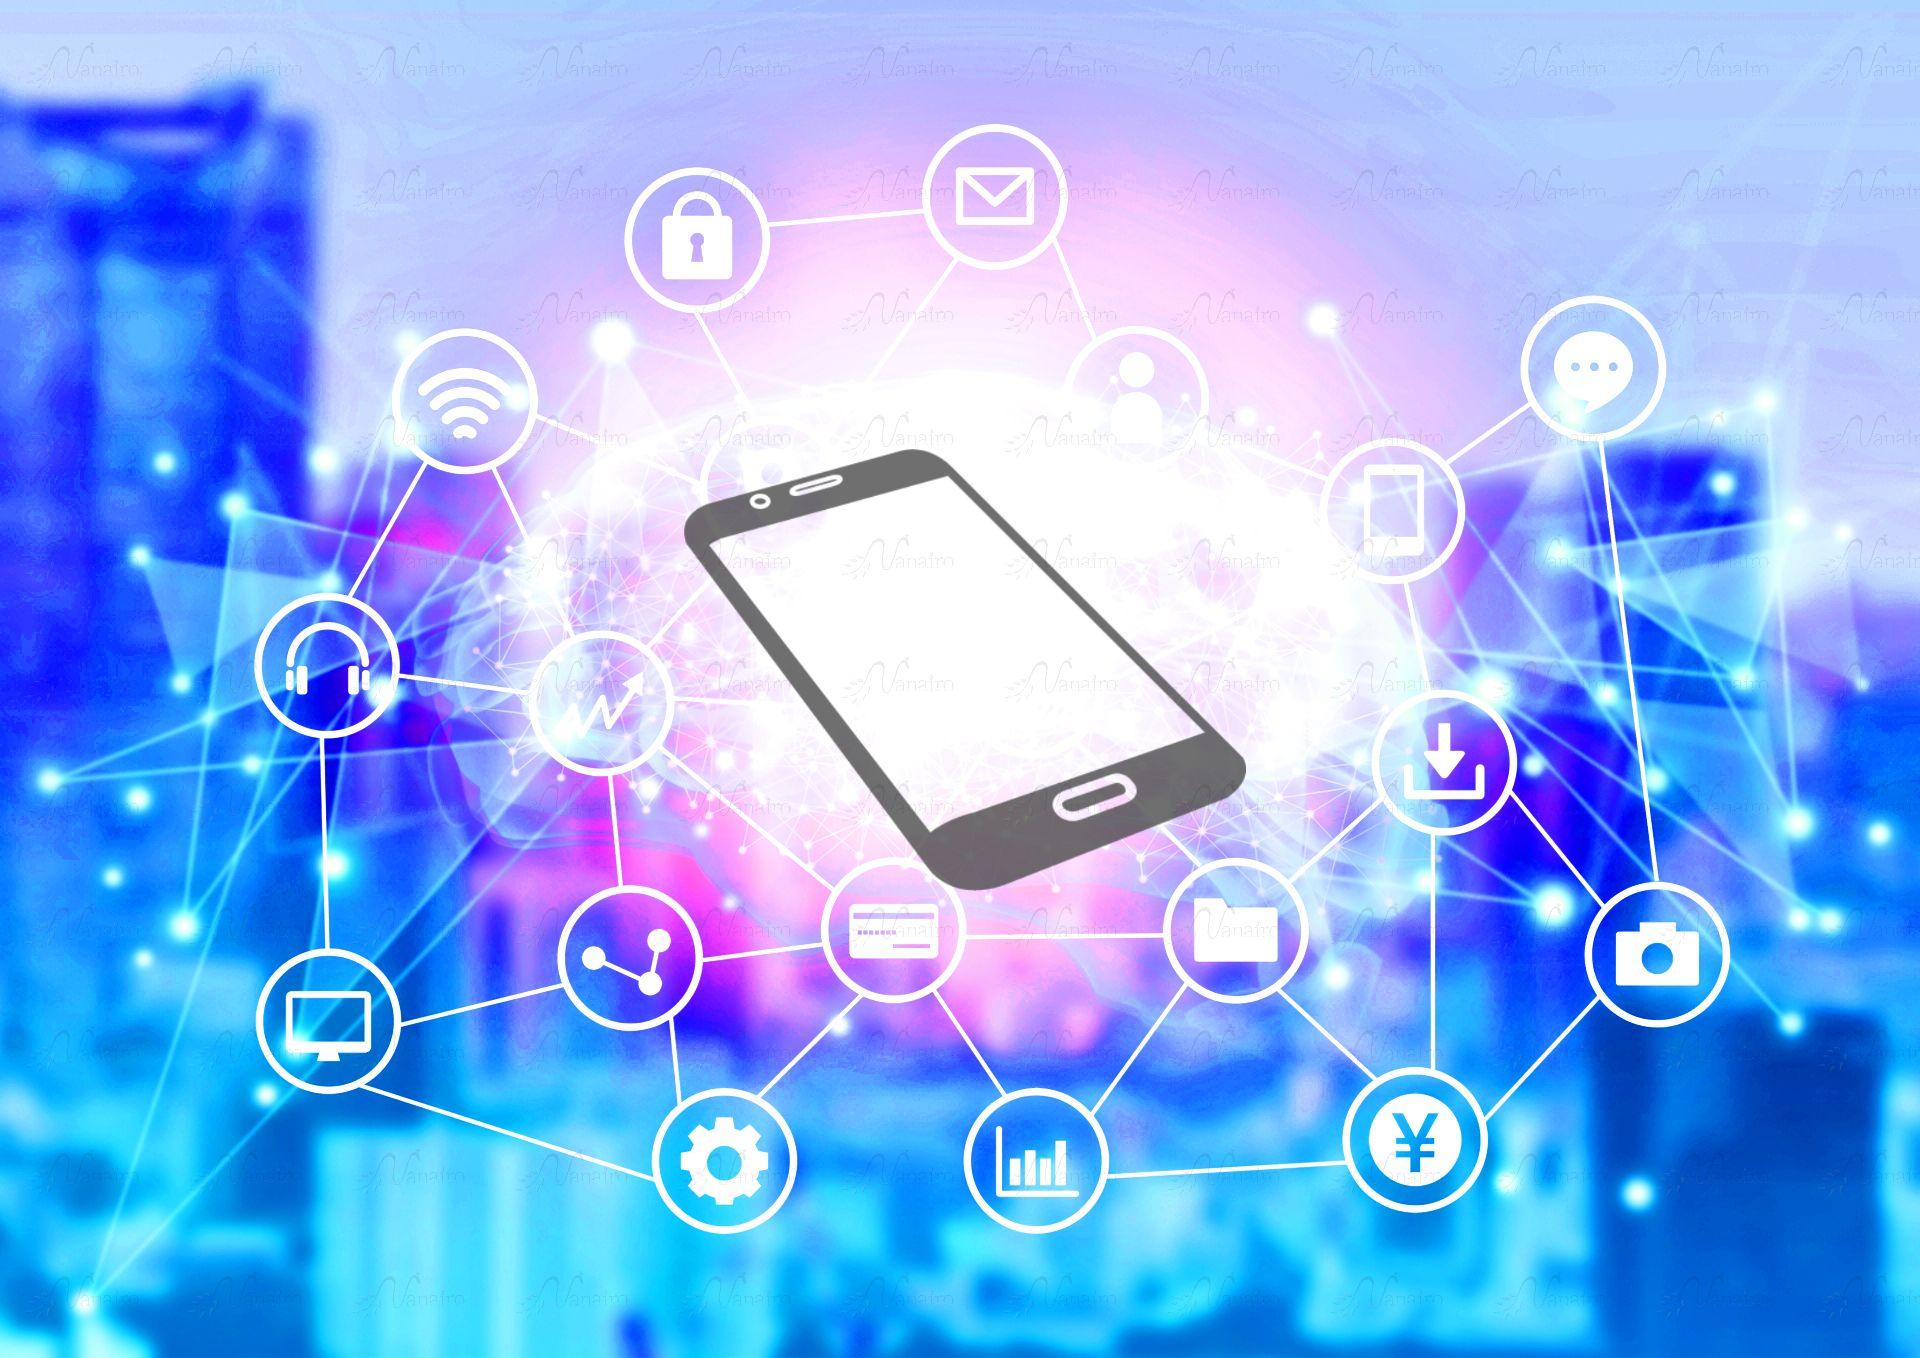 台湾旅行のスマホ・携帯設定と注意点。データローミングとは?